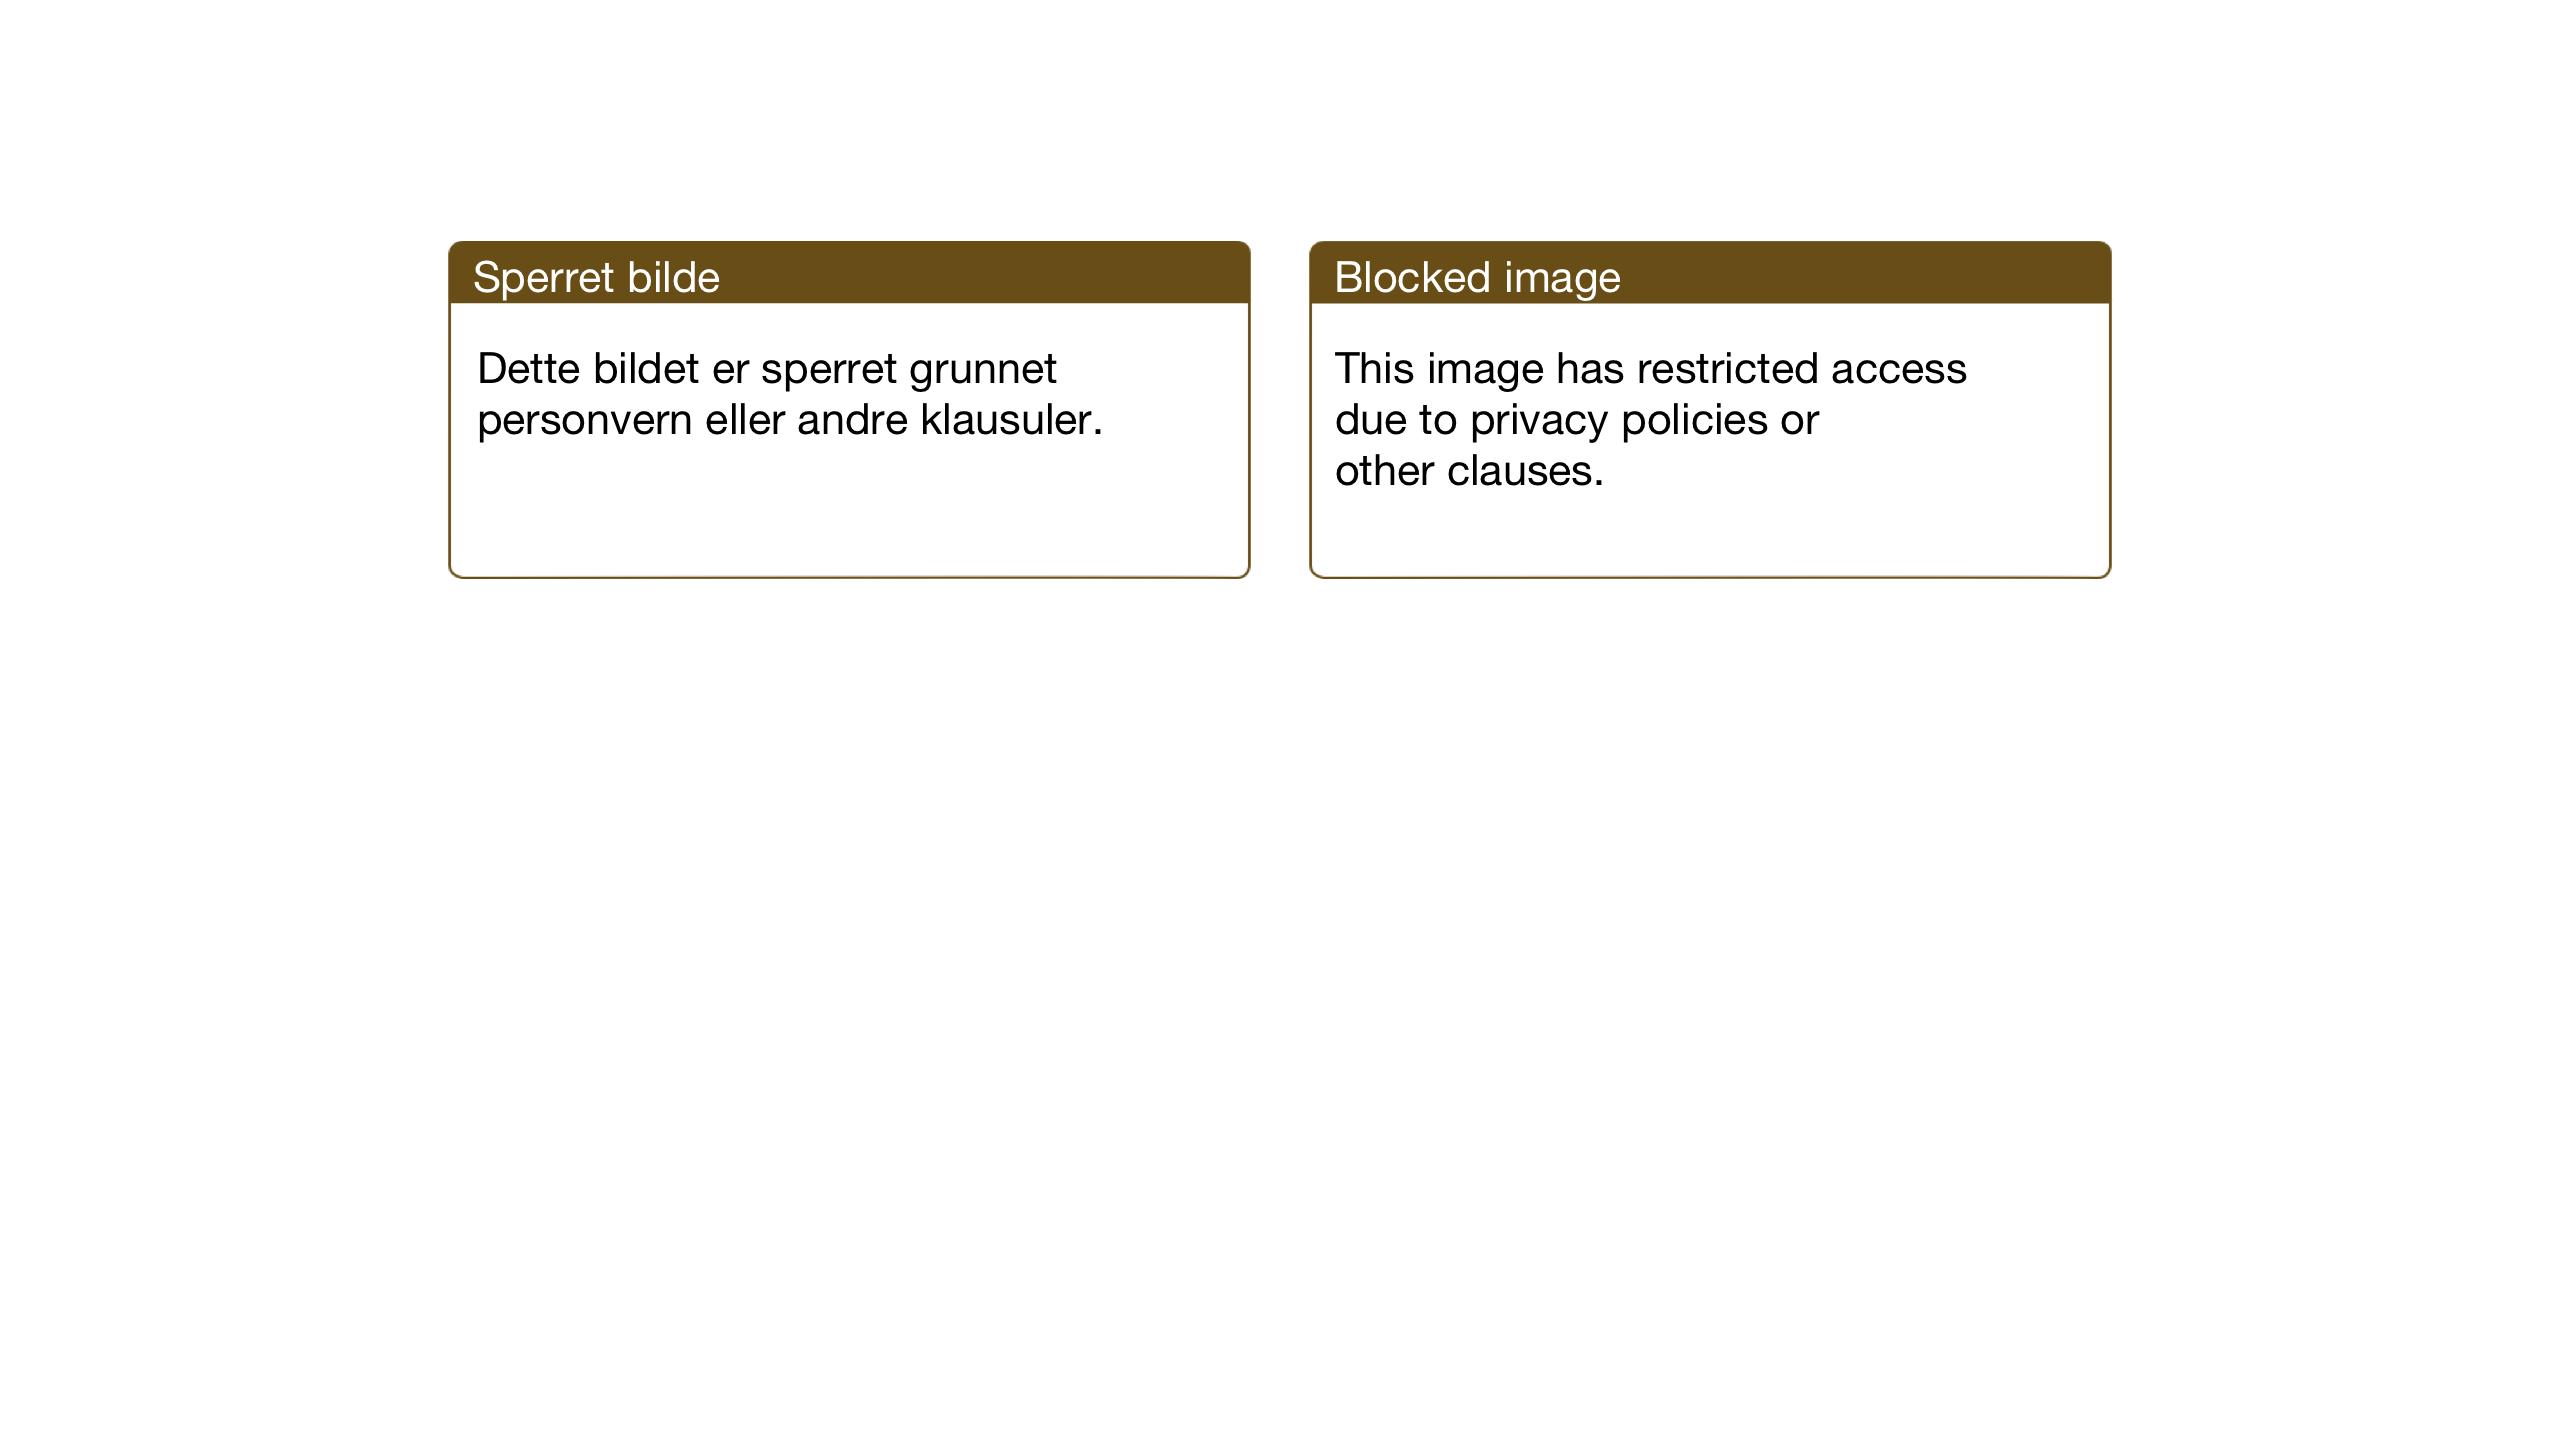 SAT, Ministerialprotokoller, klokkerbøker og fødselsregistre - Sør-Trøndelag, 686/L0986: Klokkerbok nr. 686C02, 1933-1950, s. 7